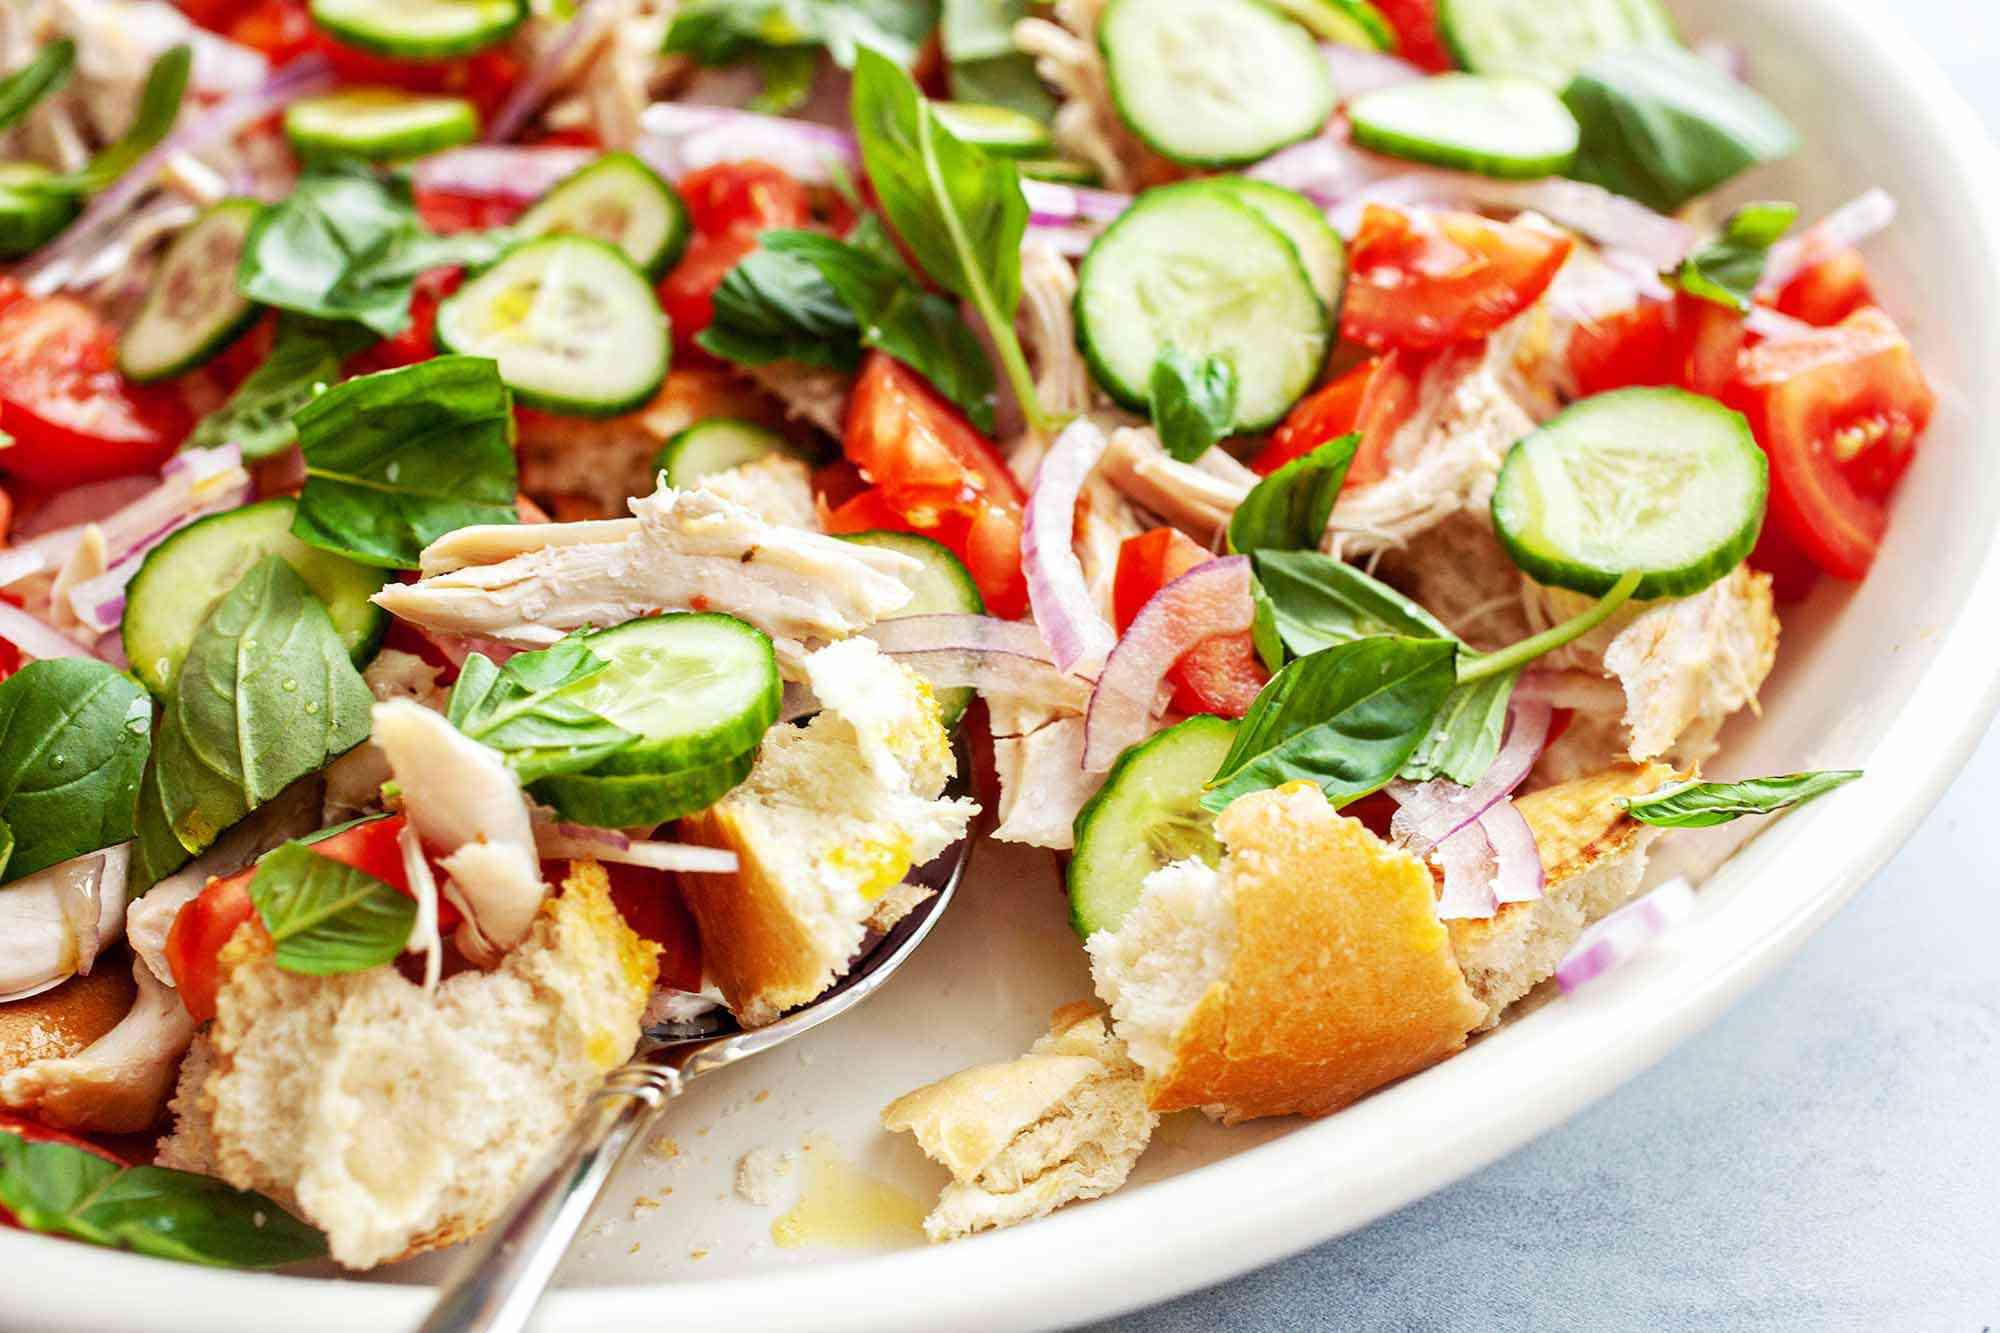 Summer Panzanella Salad - bread pieces on spoon